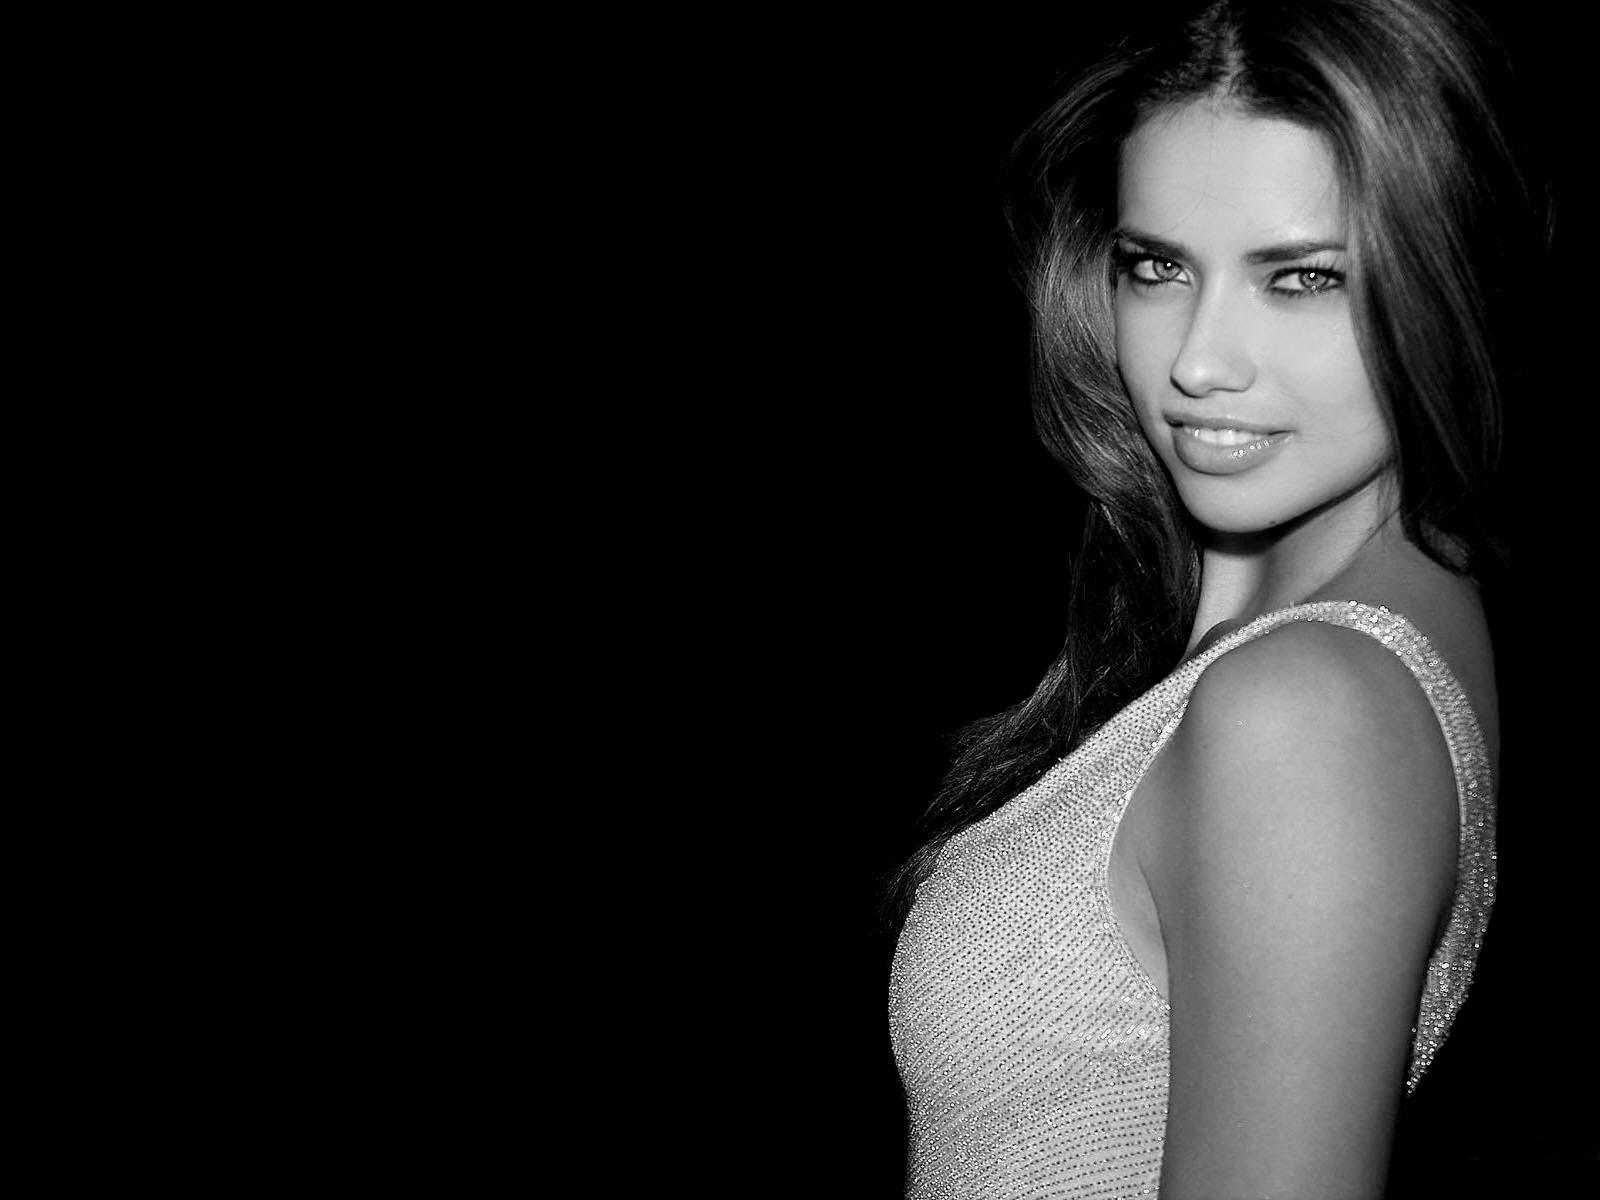 Adriana Lima ~ Hollywood Key